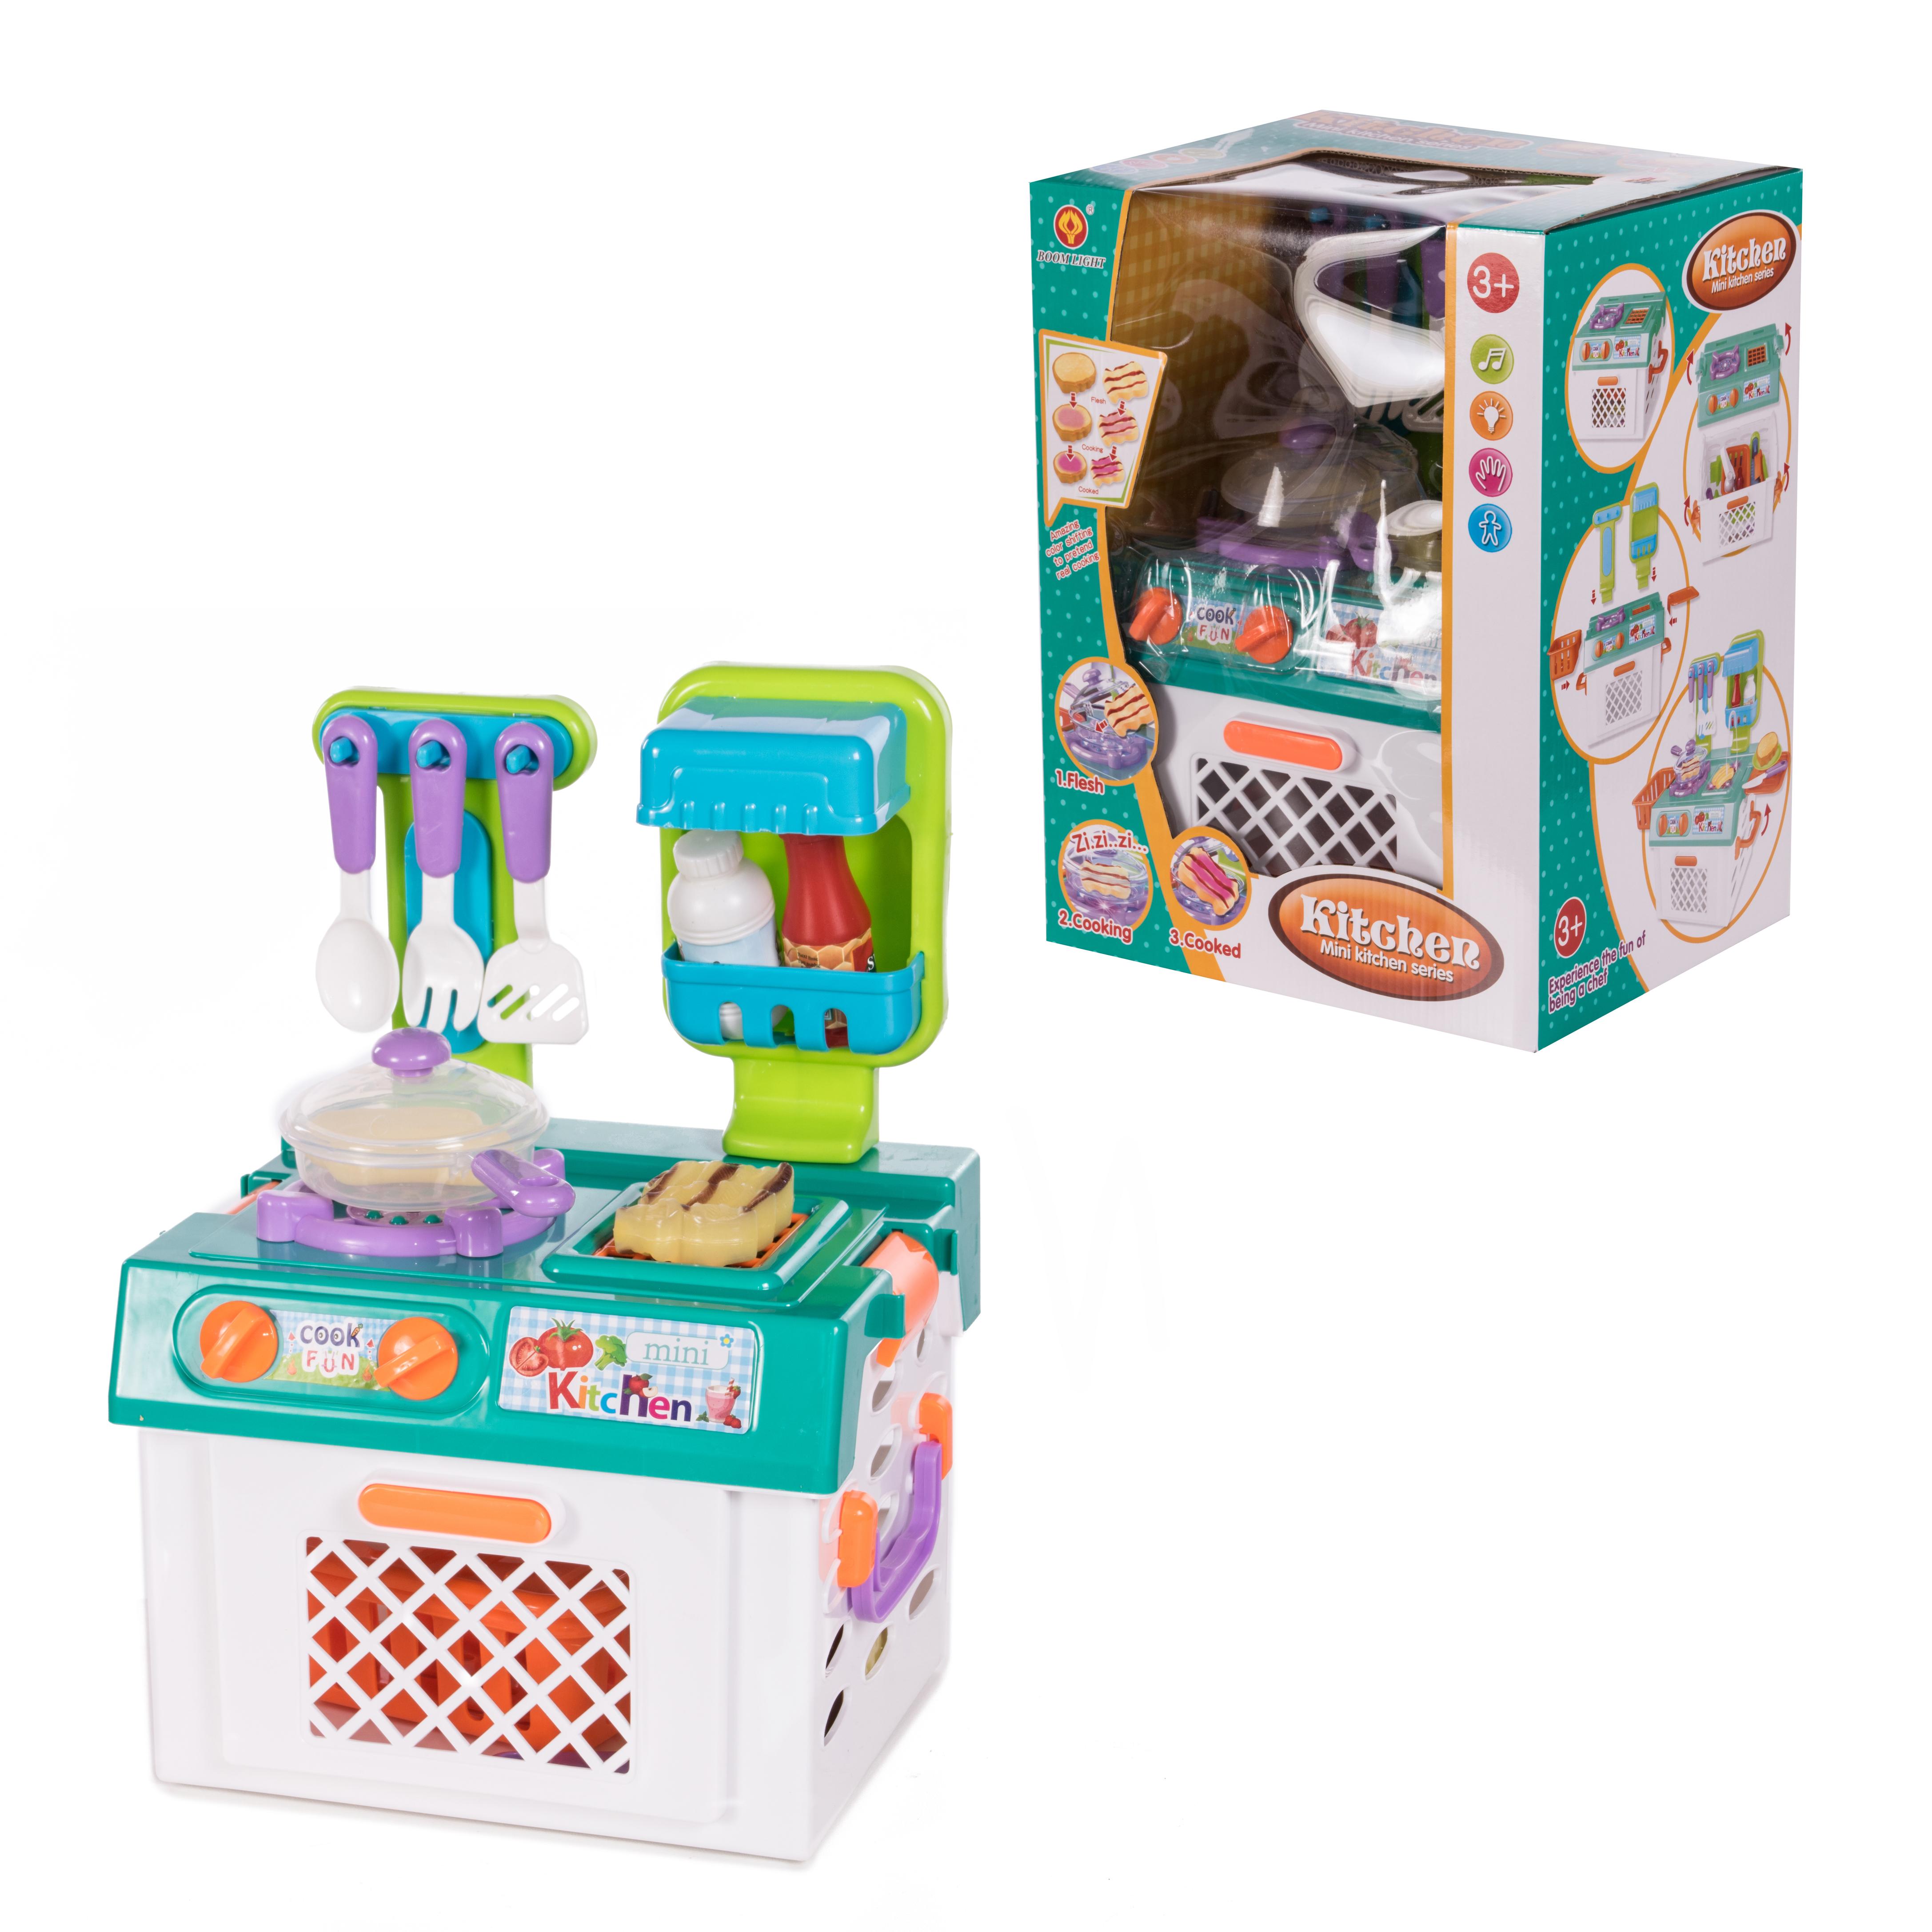 Kitchen Детский игровой набор Кухня ABC-397657 детский игровой набор sega zoobles 55